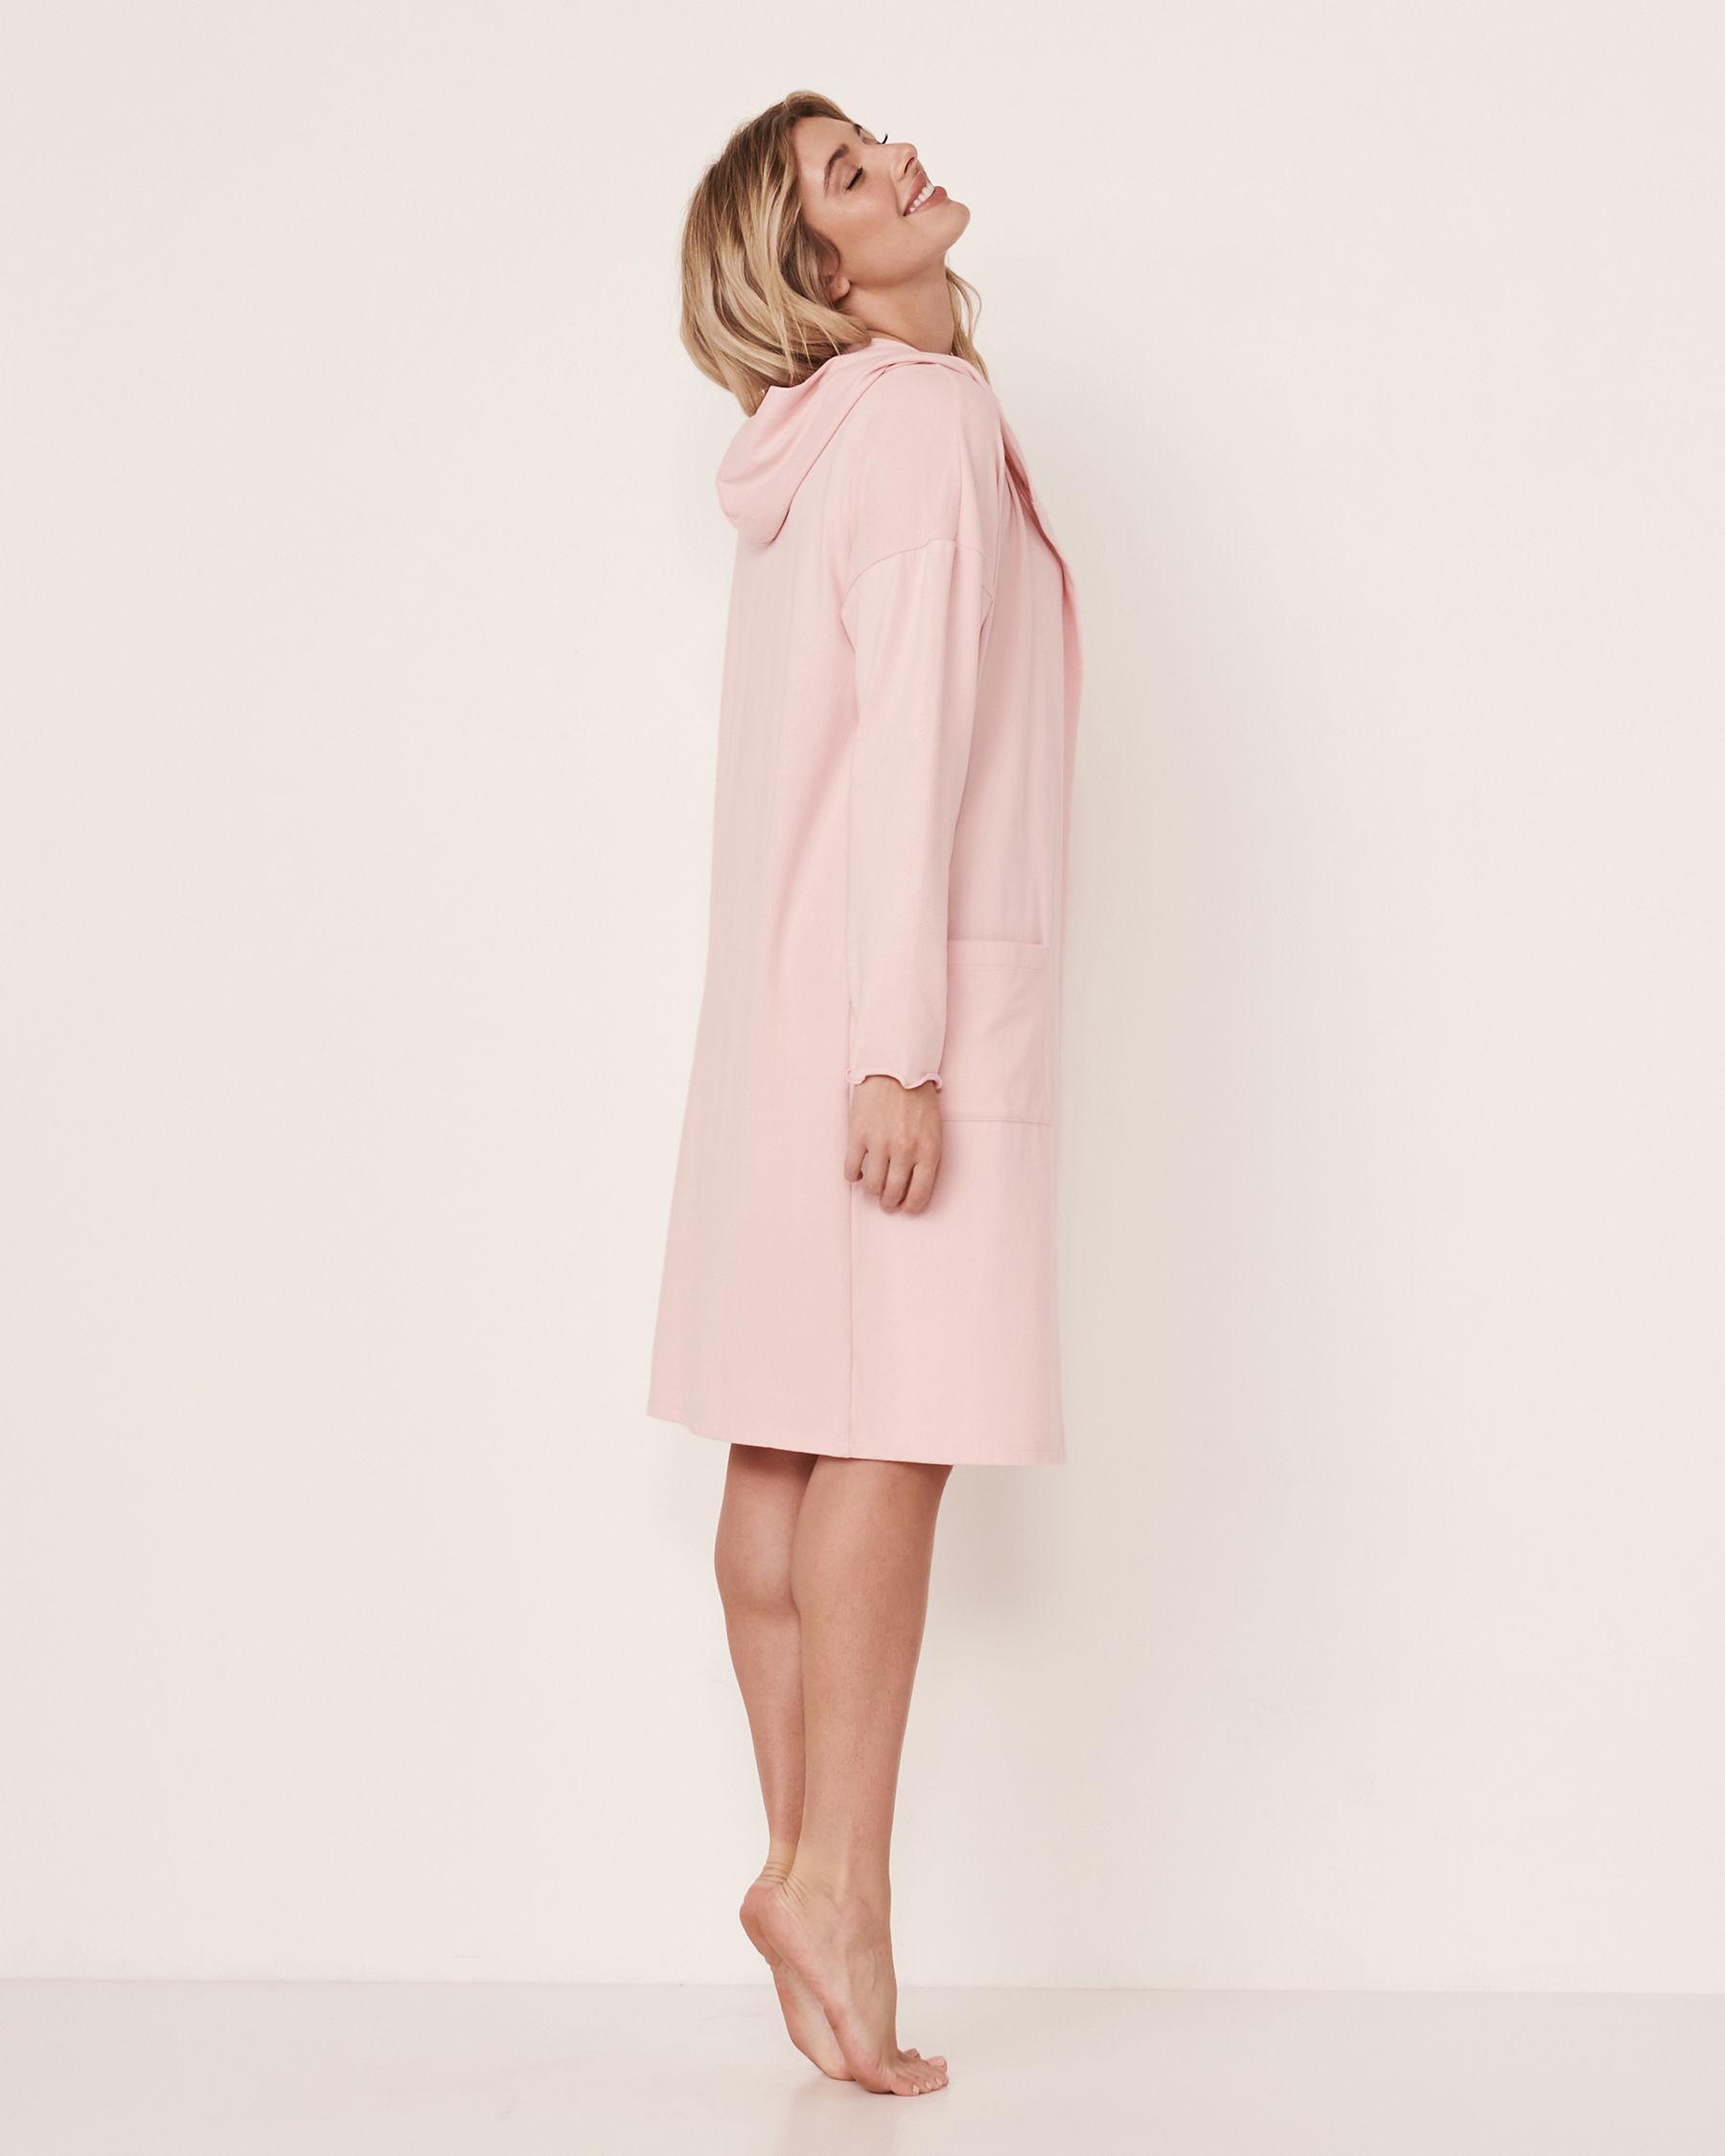 LA VIE EN ROSE Recycled Fibers Hooded Cardigan Light pink 40600024 - View2